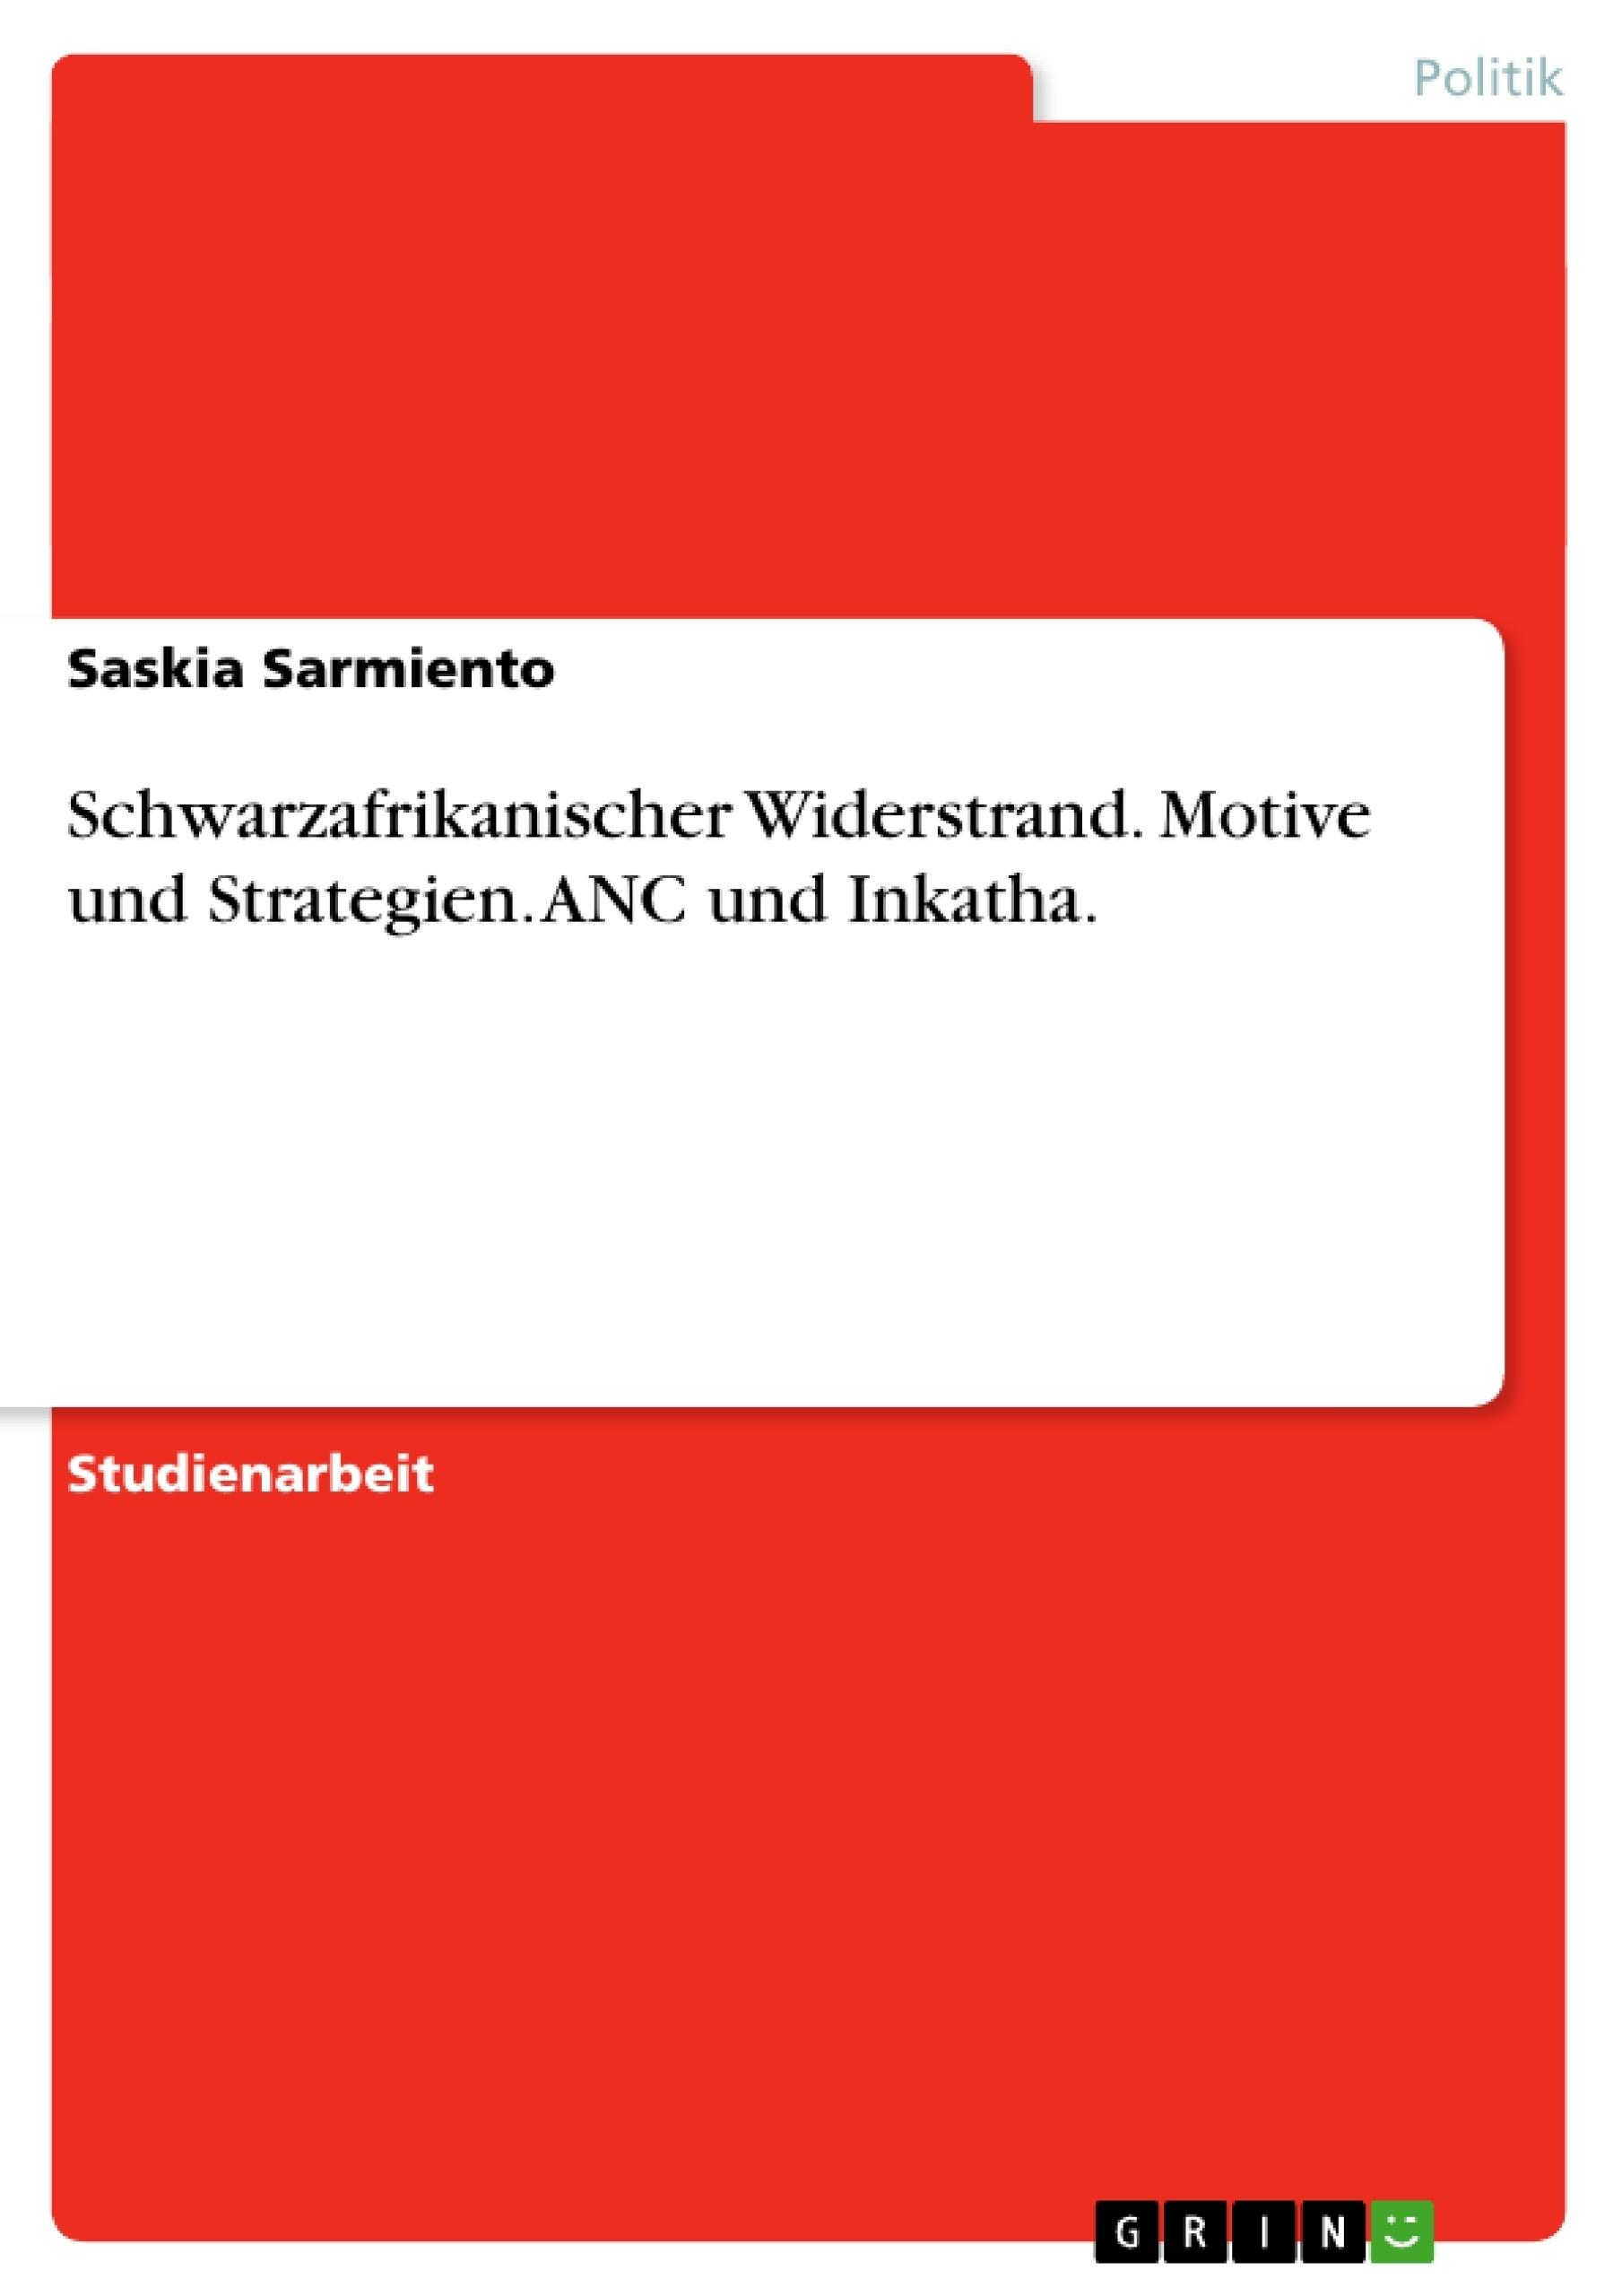 Titel: Schwarzafrikanischer Widerstrand. Motive und Strategien. ANC und Inkatha.